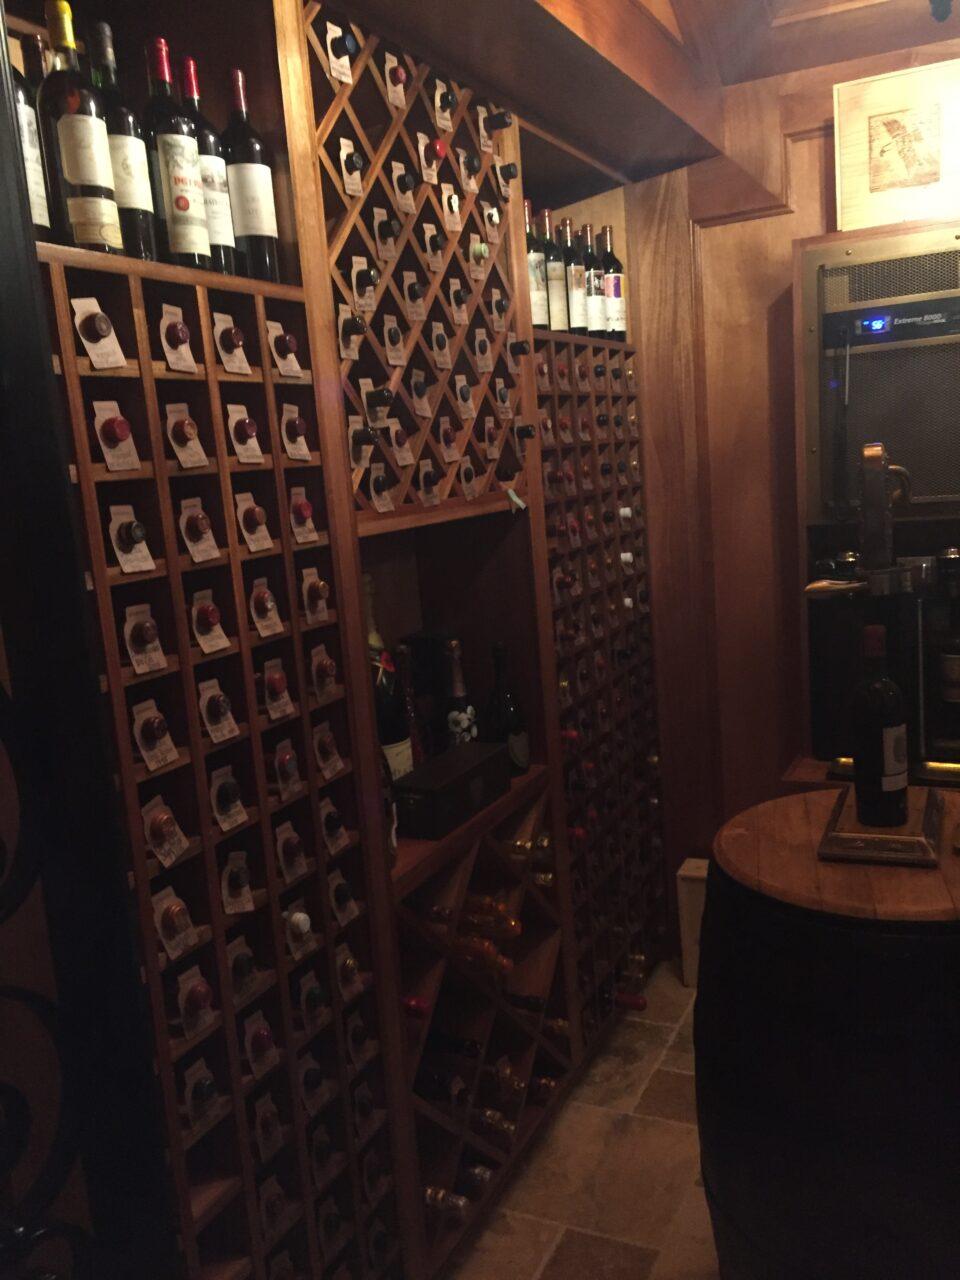 wine-room-bottles-2-e1599159669410